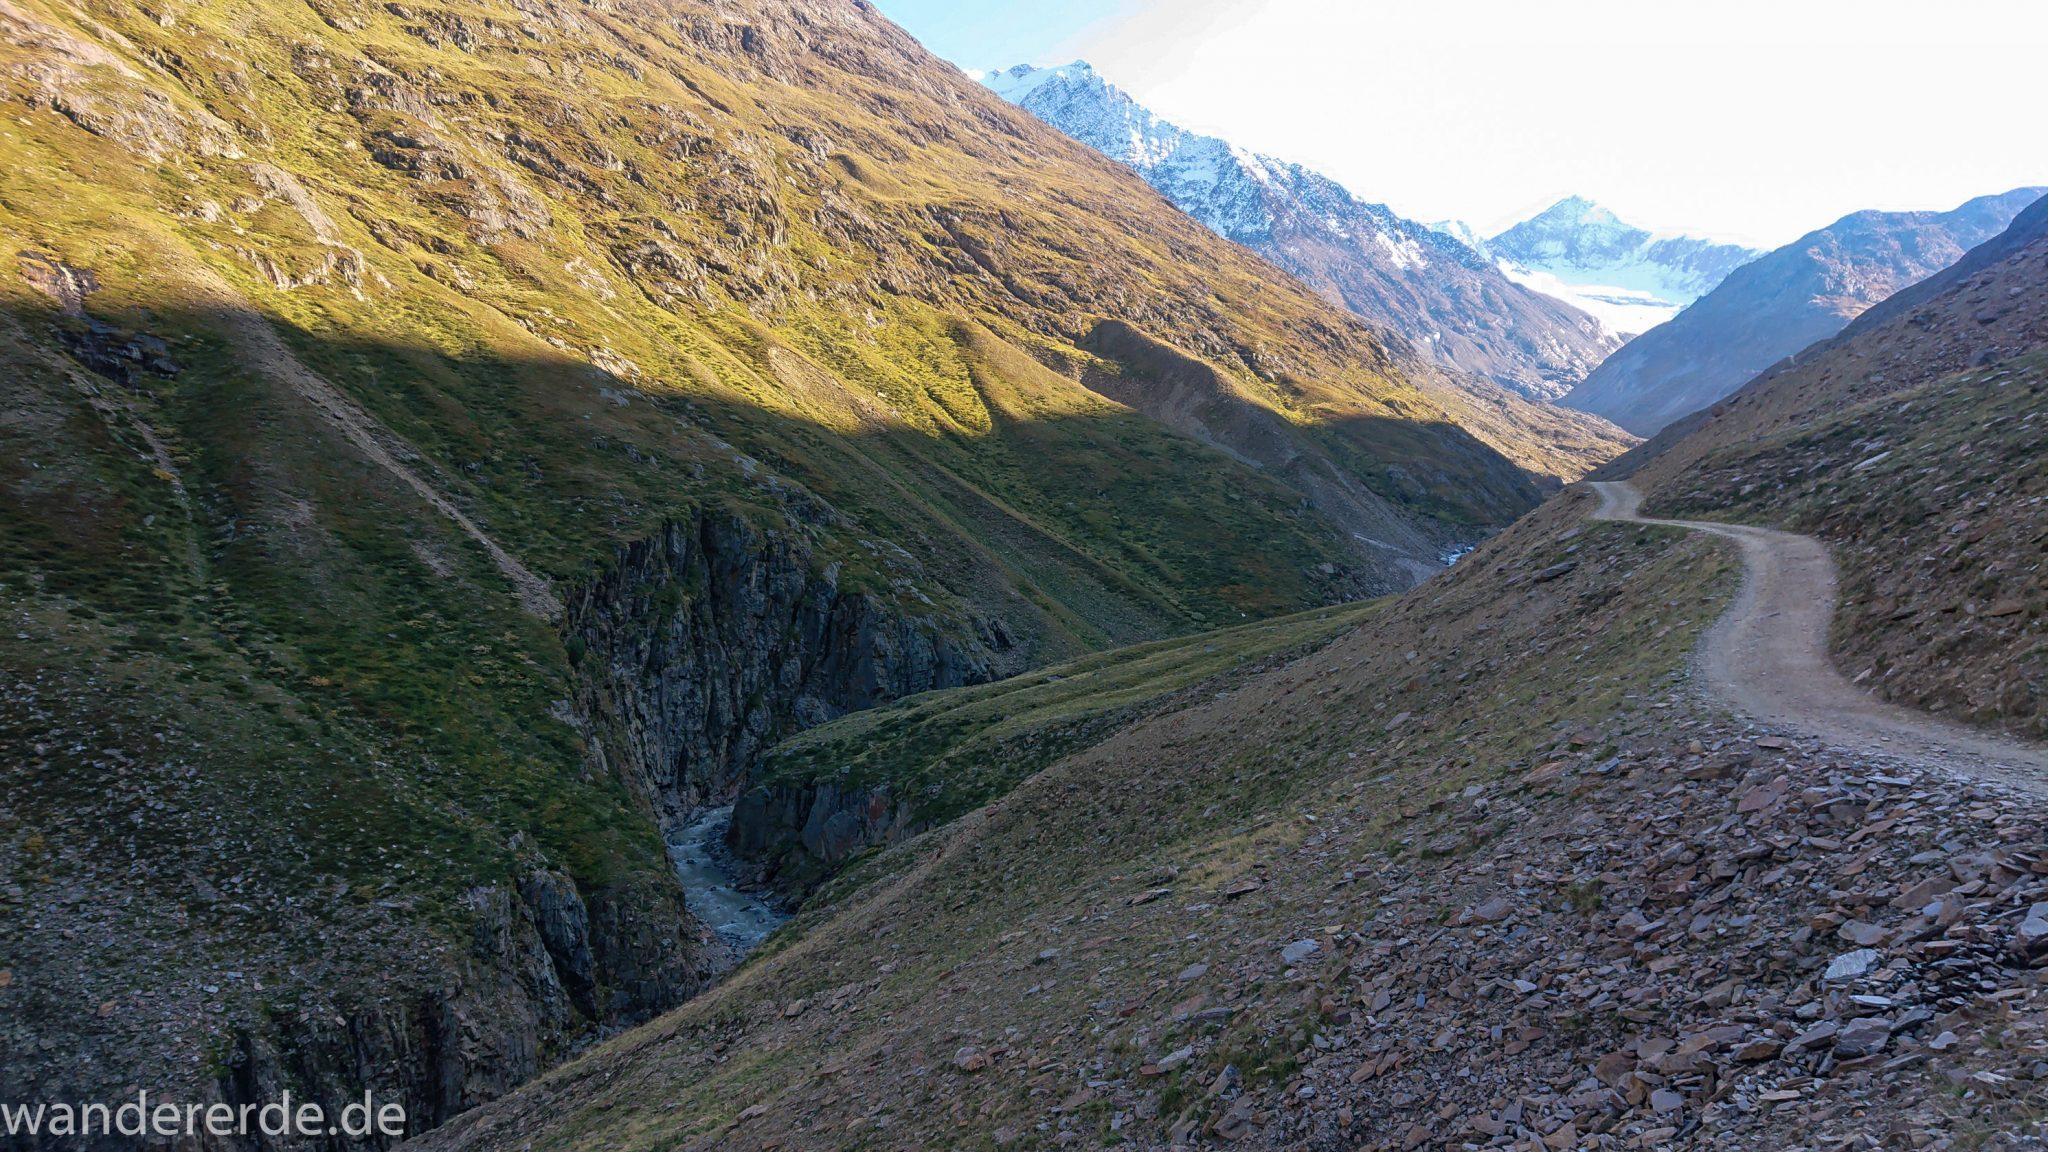 Alpenüberquerung Fernwanderweg E5 Oberstdorf Meran, 5. Etappe von Braunschweiger Hütte zur Martin-Busch-Hütte, nach Wanderung auf dem neuen Panoramaweg nach Vent folgt Anstieg zur Martin-Busch-Hütte, herrliches Wetter zum Wandern bei strahlendem Sonnenschein, wegen Steinschlag gesperrter ursprünglicher Weg muss auf anderer Bergseite umgangen werden, danach wird Wegverlauf auf breiterem Wanderweg wieder steiler und will nicht enden, Ausblick auf Berge der Alpen und ins Tal mit Fluss und grüner Vegetation, Weg führt durch schöne Schlucht